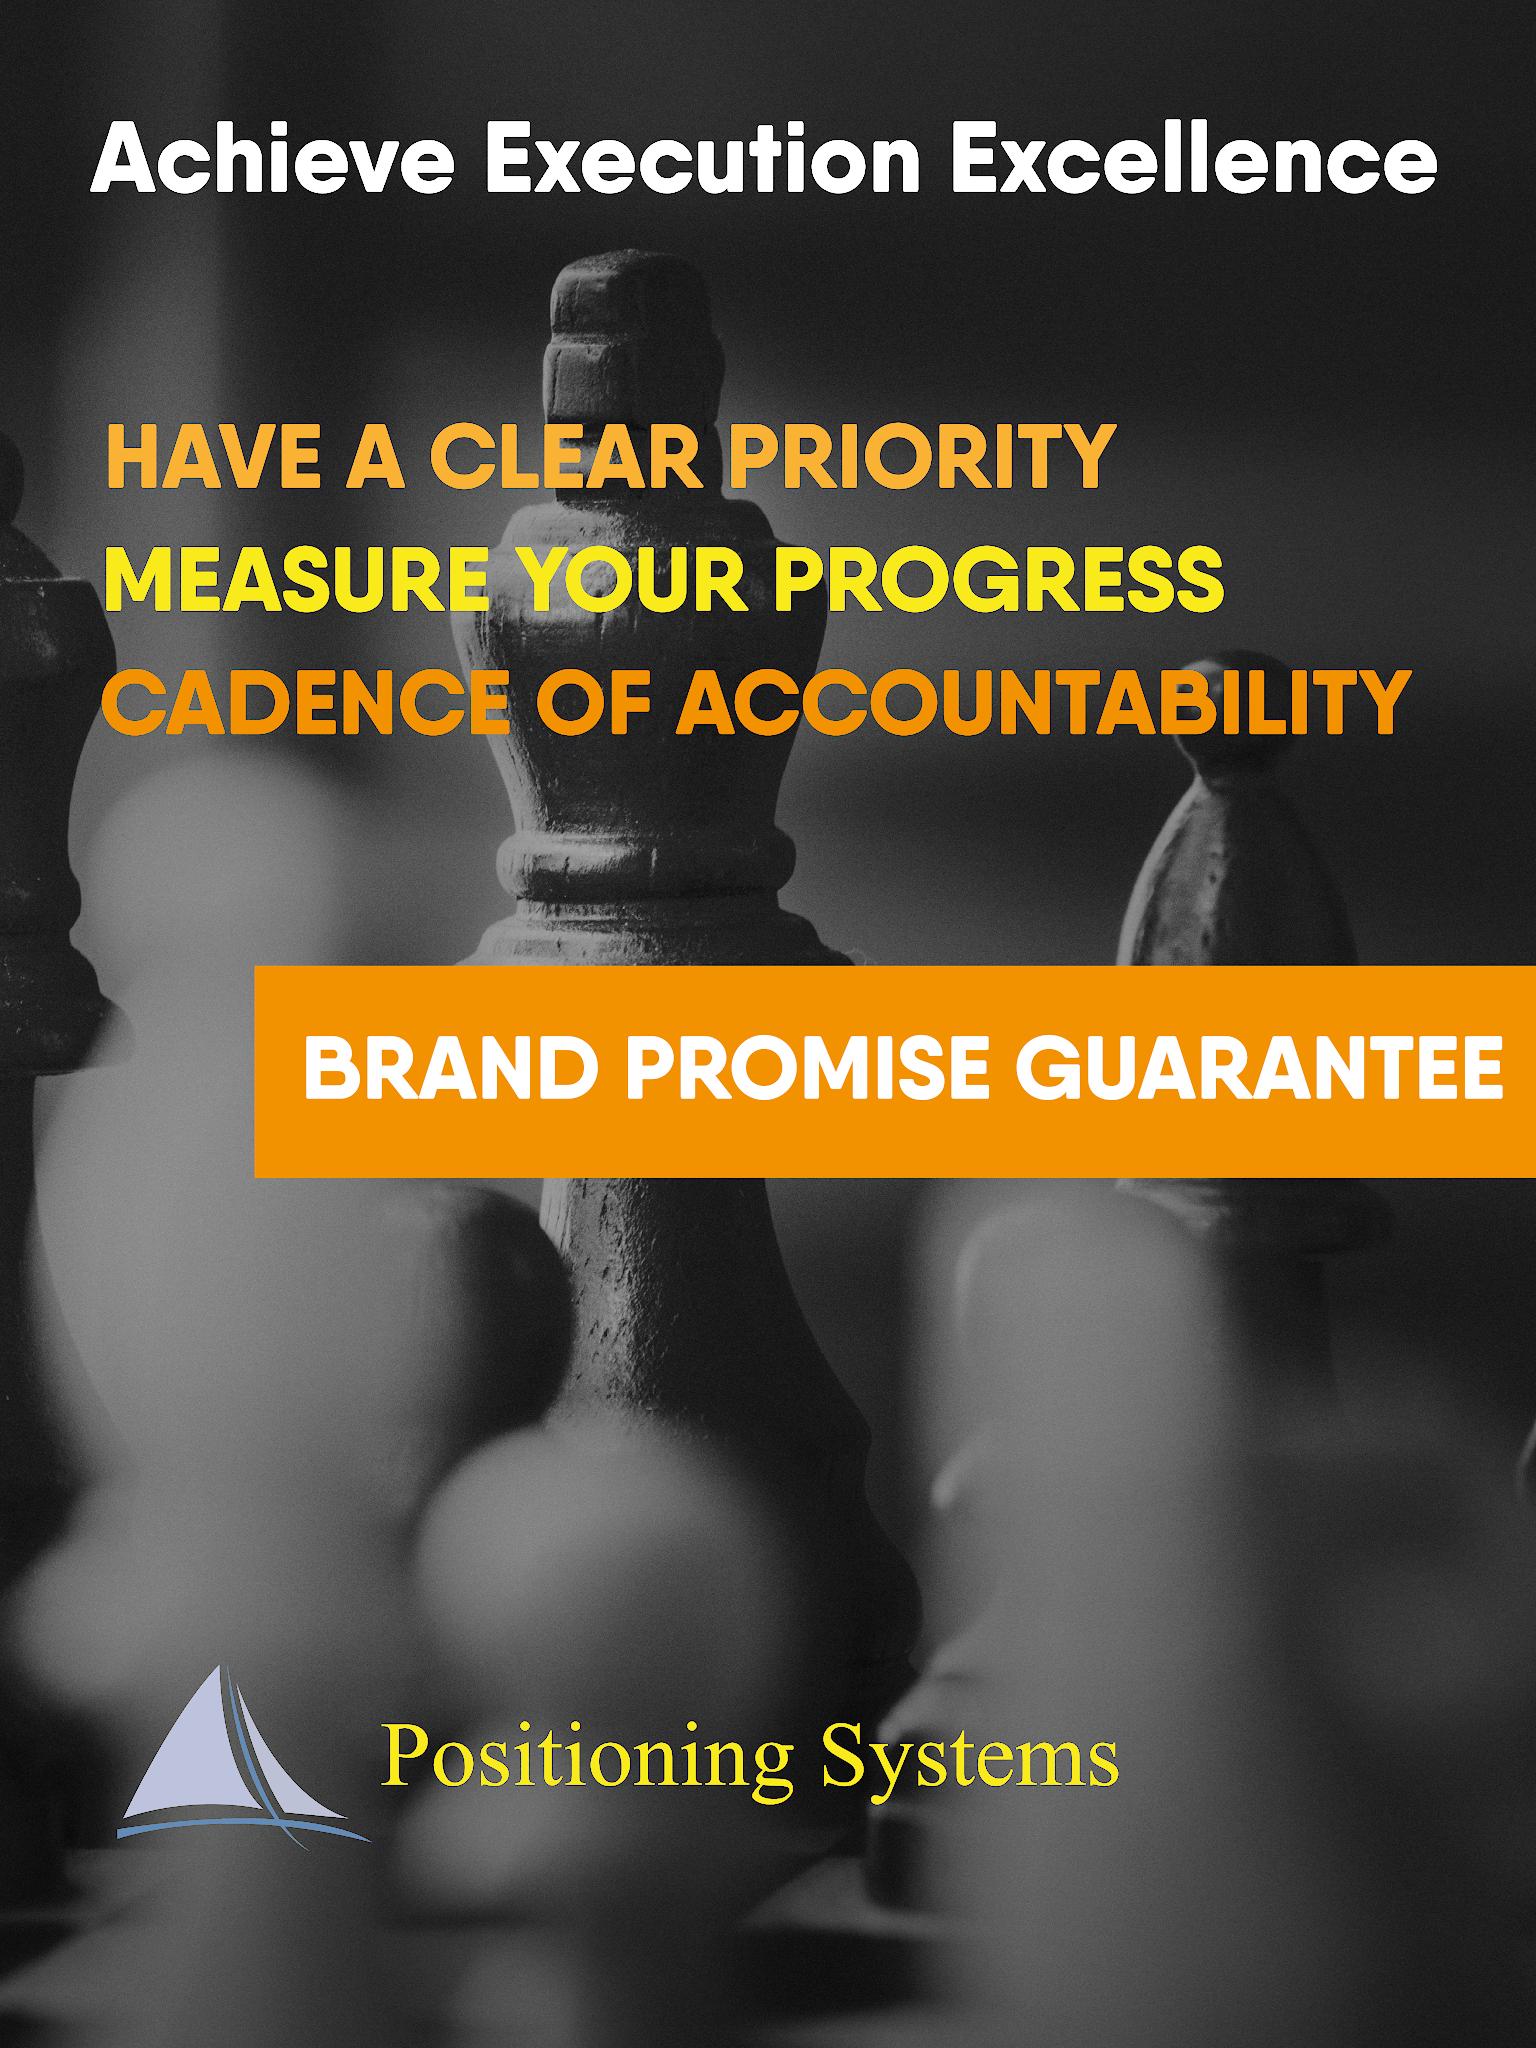 Acheive Execution Excellence BP Guarantee poster